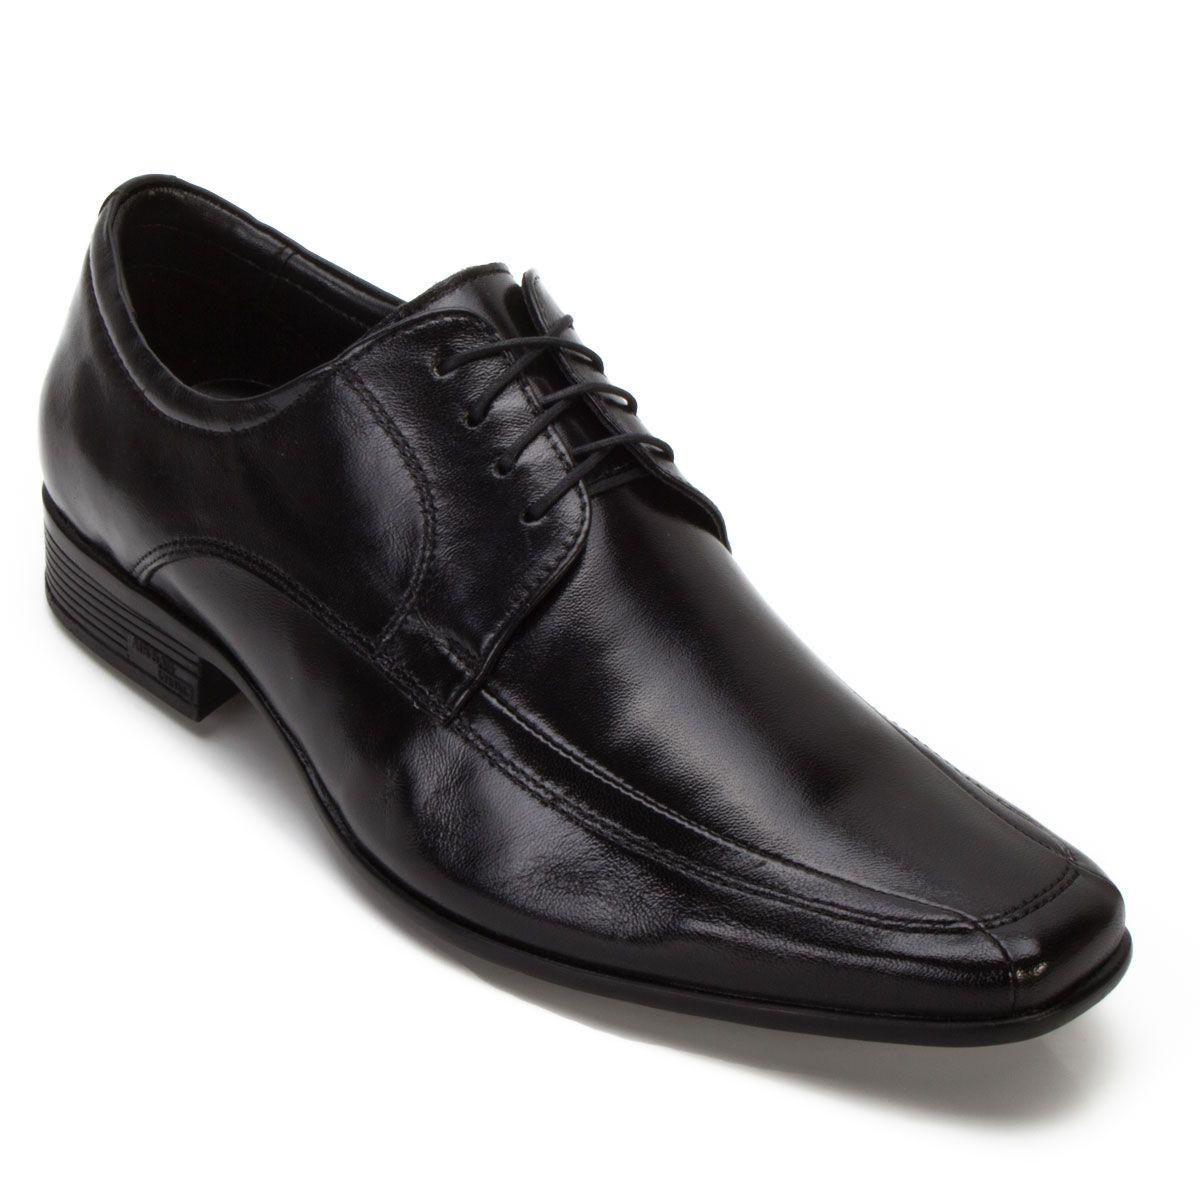 - Sapato Social Jota Pe Ref 45009 Couro De Pelica Frete Grátis Anúncio com variação